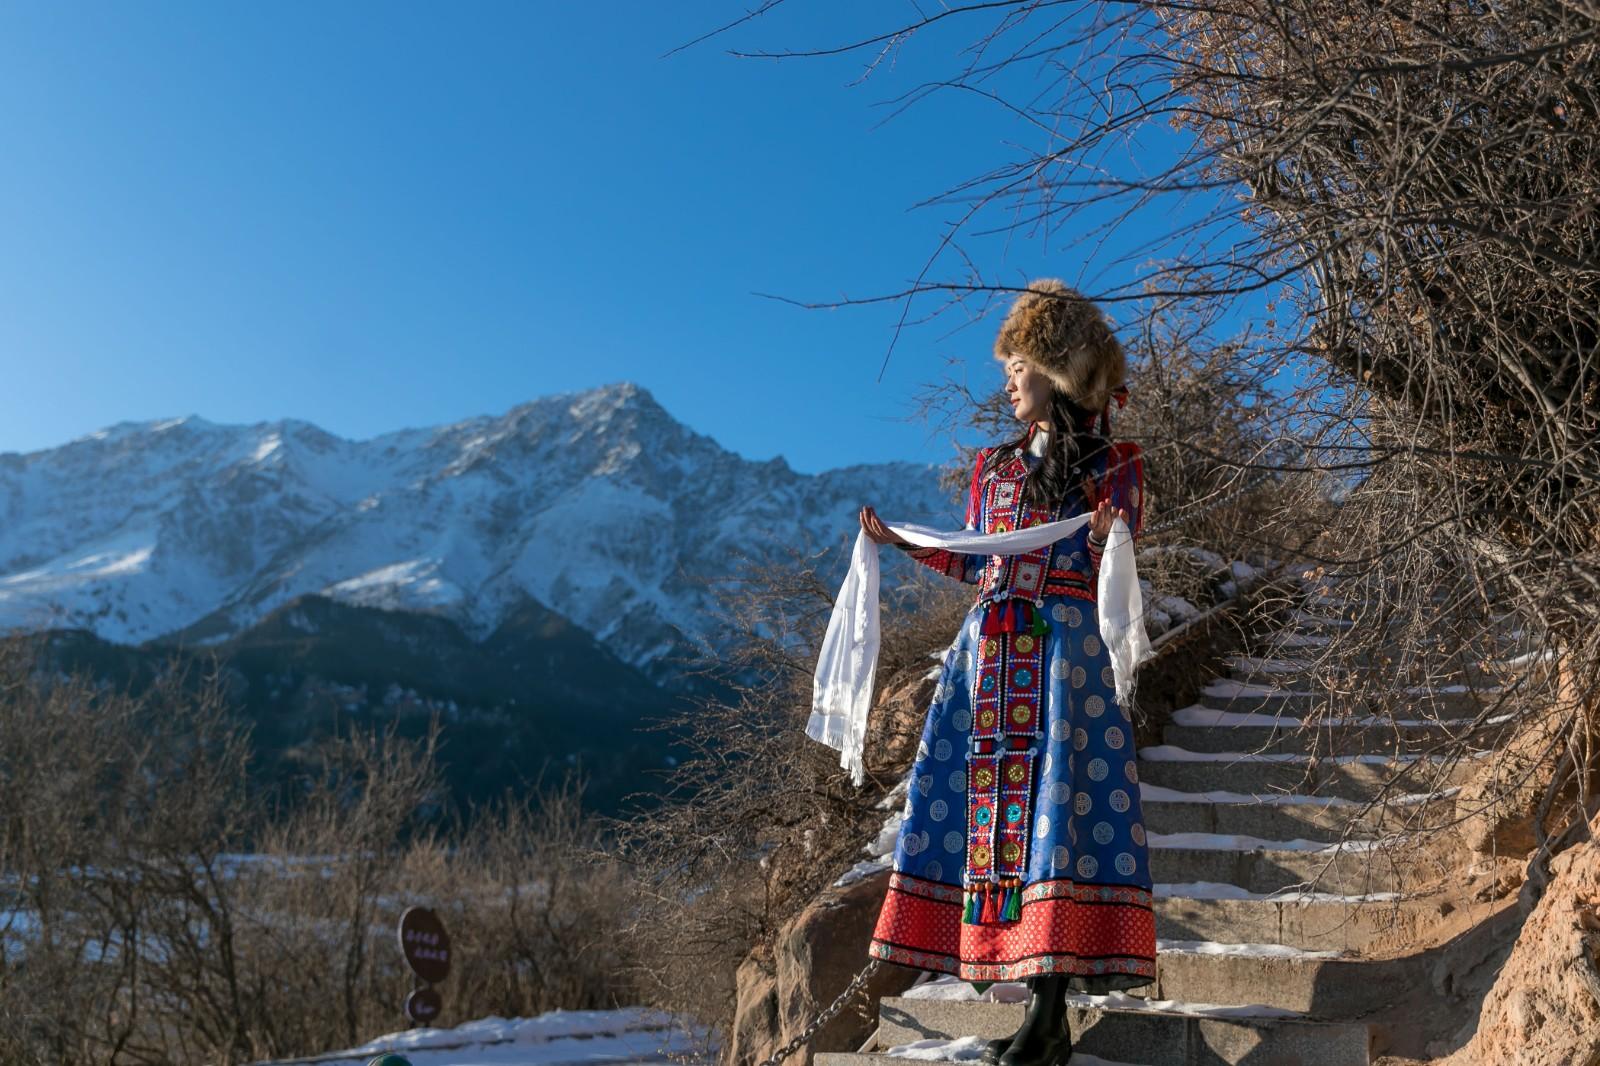 冬游甘肃马�蹄寺,祈福圣地踏差点没从沙上跌坐到地上雪节